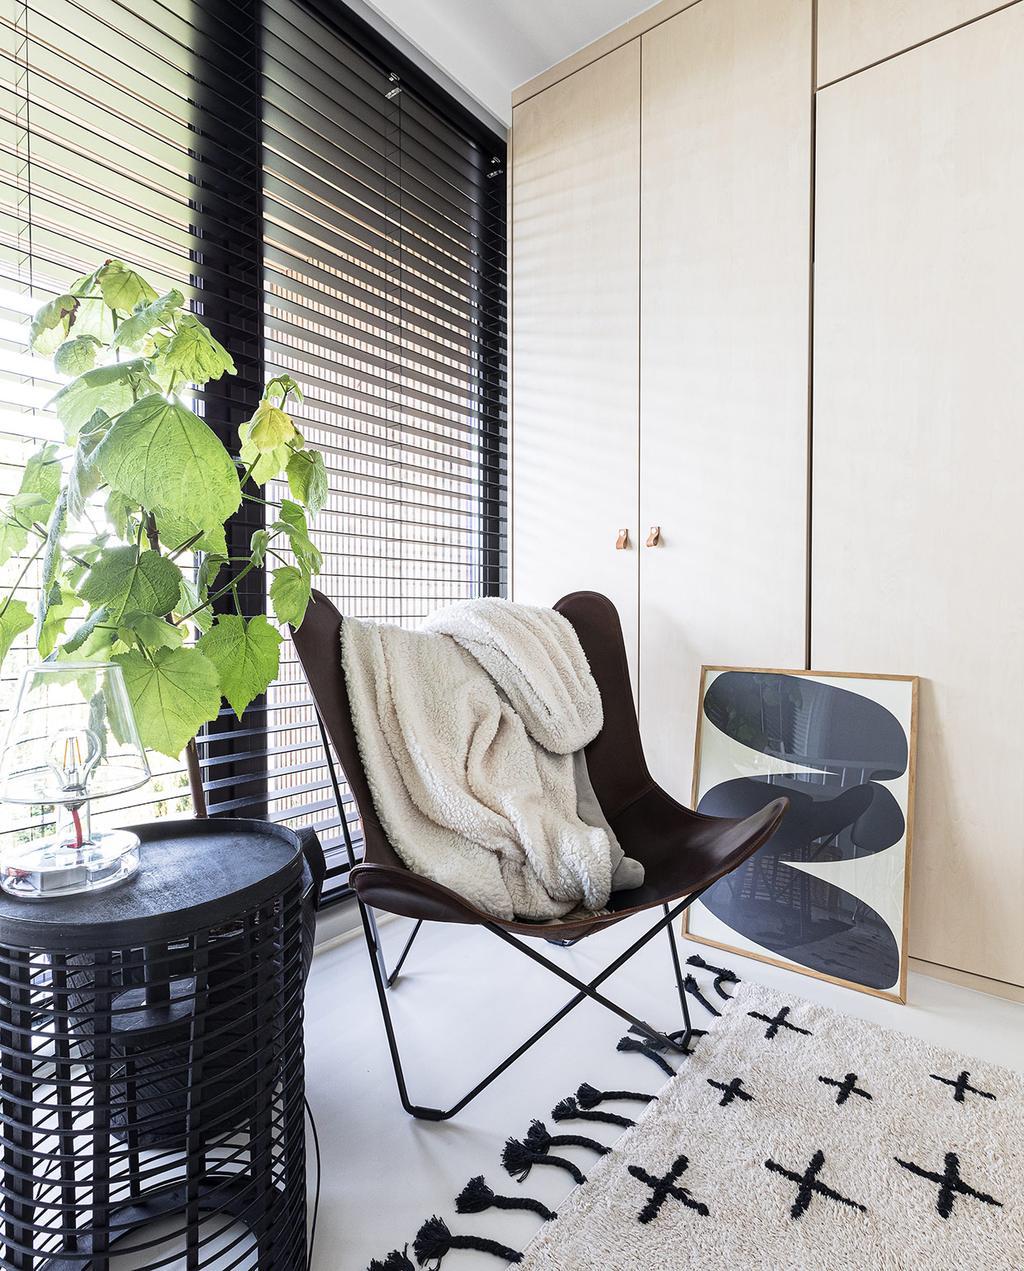 vtwonen 04-2021 | vlinderstoel met fauteuil en vloerkleed